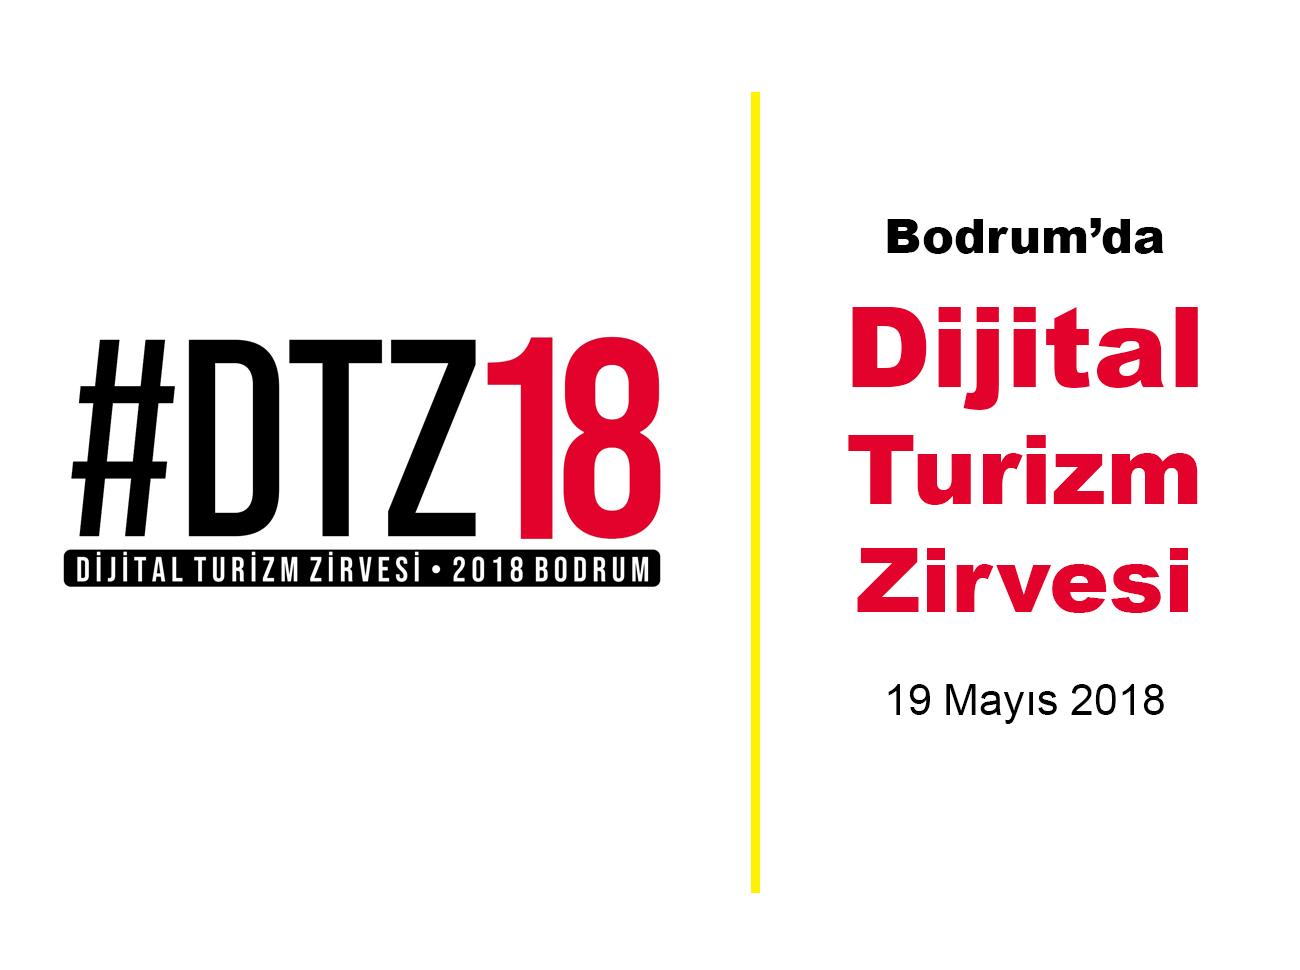 Bodrum'da Dijital Turizm Zirvesi (DTZ18) Düzenleniyor